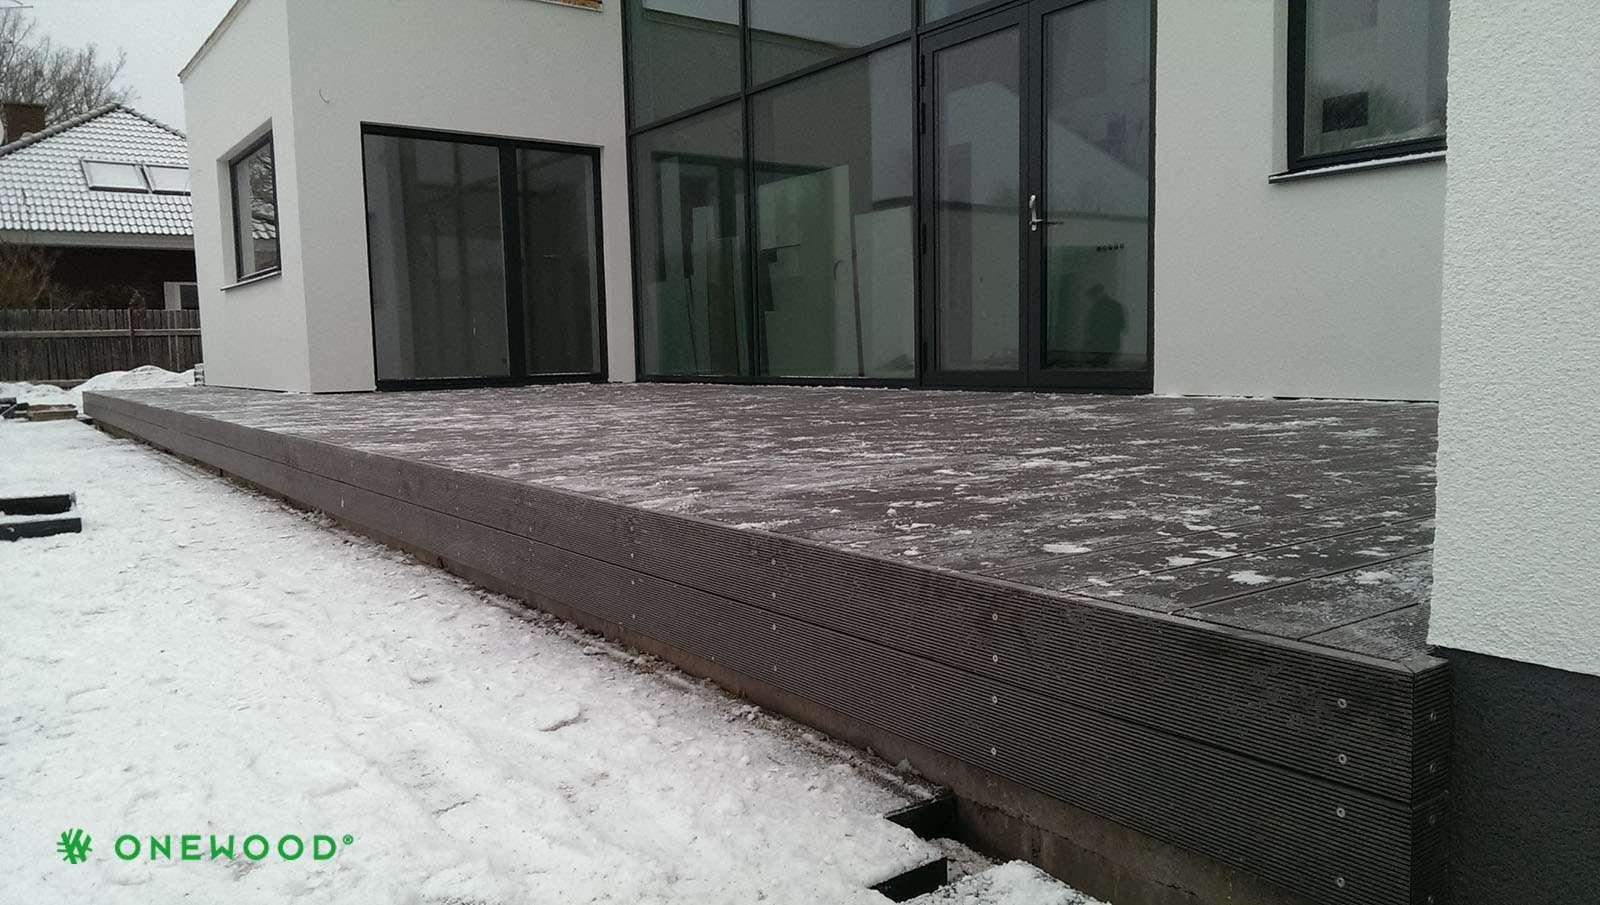 medžio-plastiko kompozitas terasoms